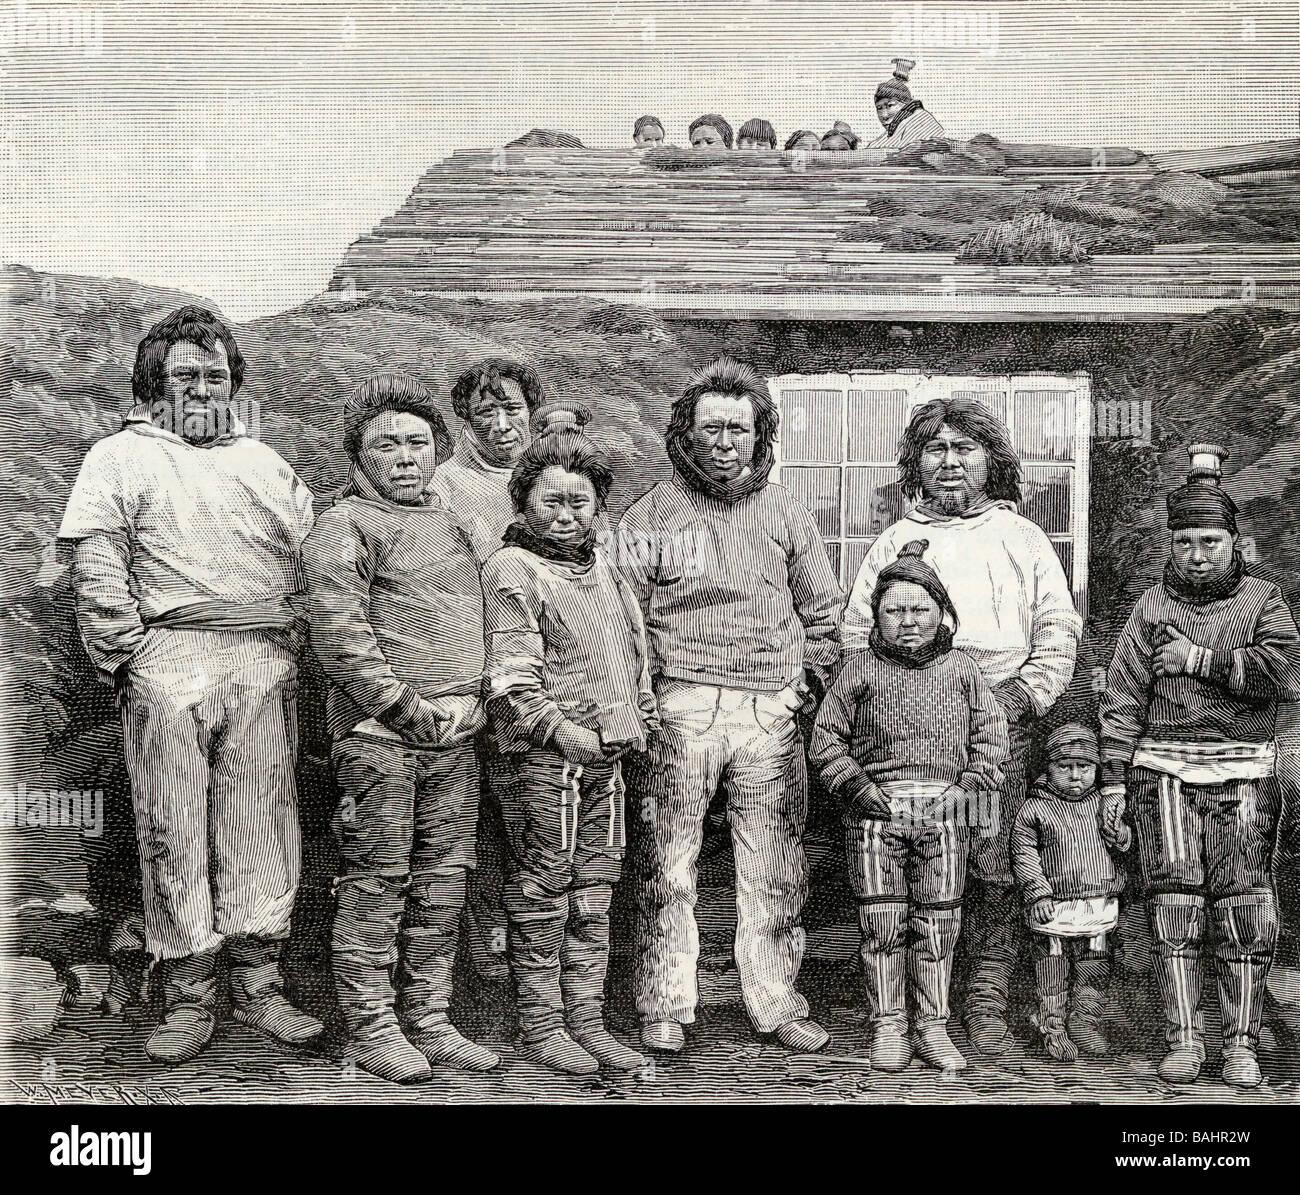 Une famille d'Esquimaux gravé une photographie du xixe siècle Le livre anglais Illustrated Magazine Photo Stock